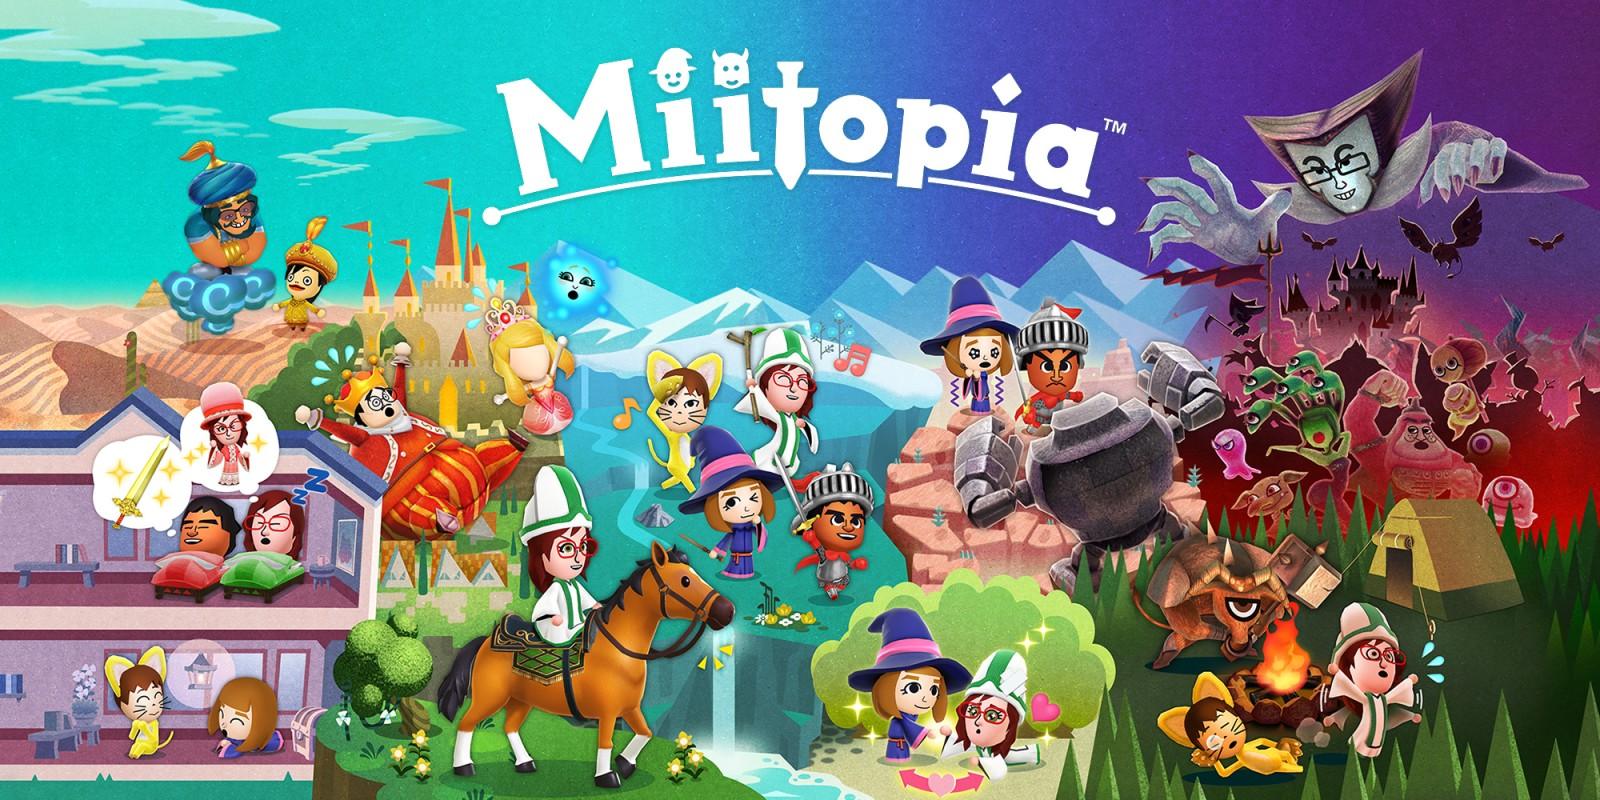 Появился новый трейлер Miitopia!